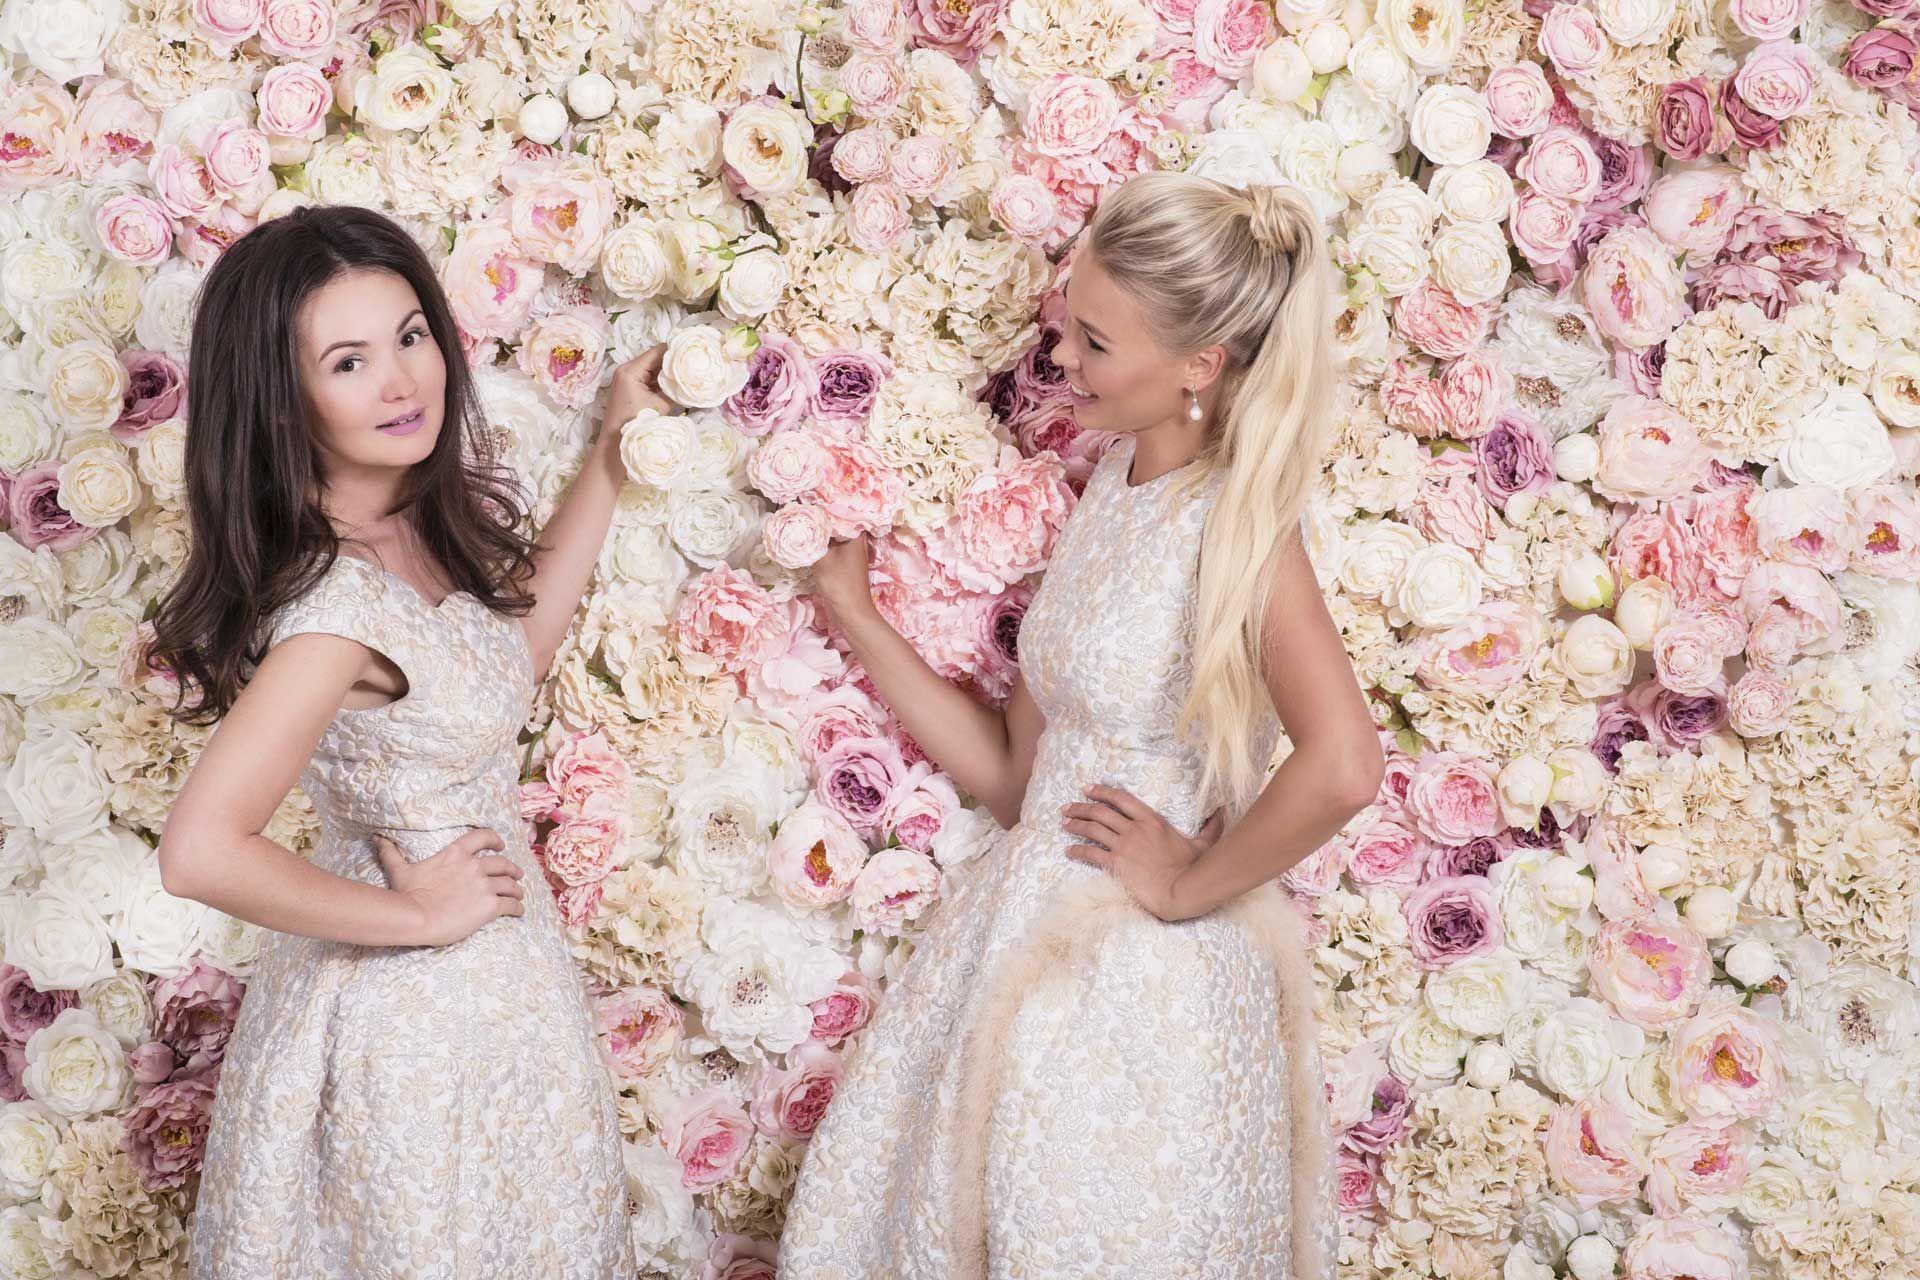 Студия декора Юлии Шакировой, цветочная свадьба, фото 9